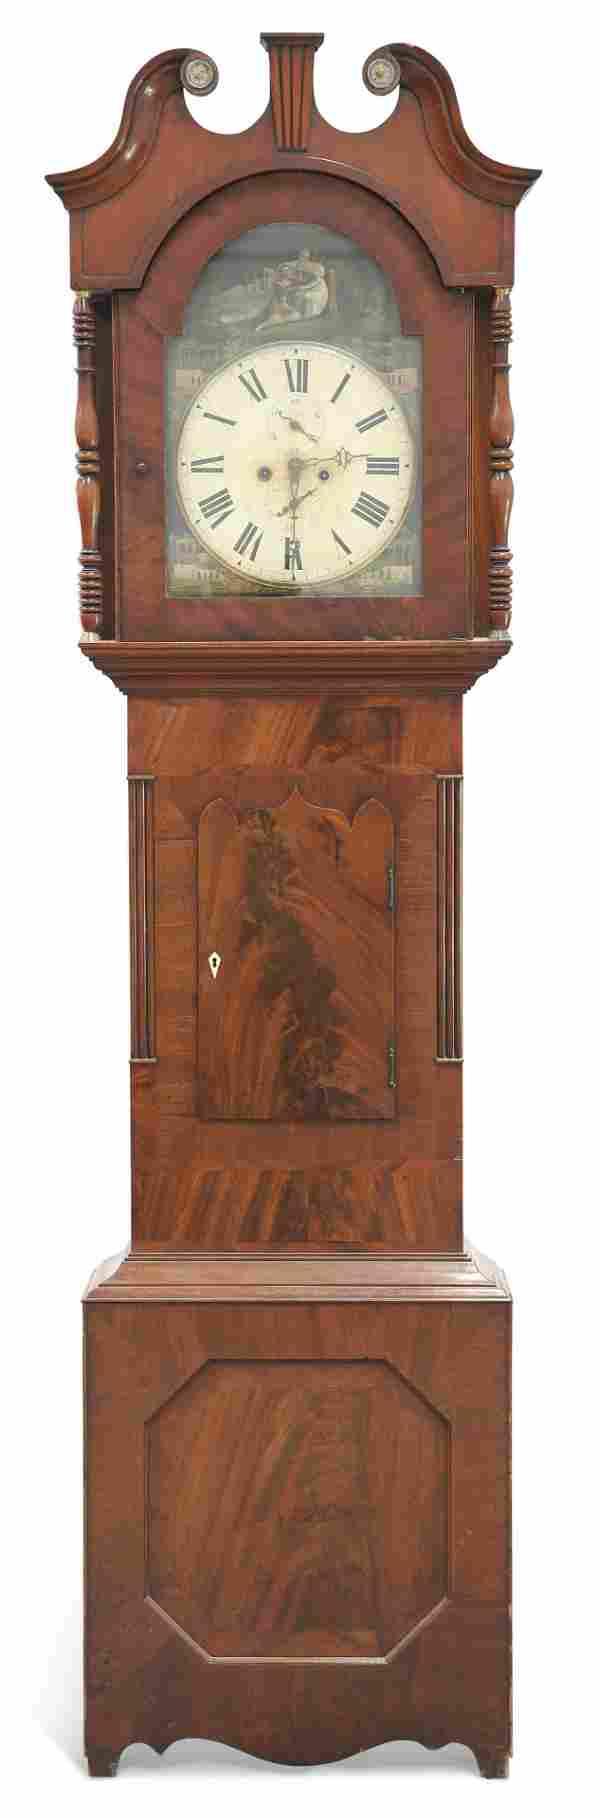 A 19TH CENTURY MAHOGANY EIGHT-DAY LONGCASE CLOCK, the